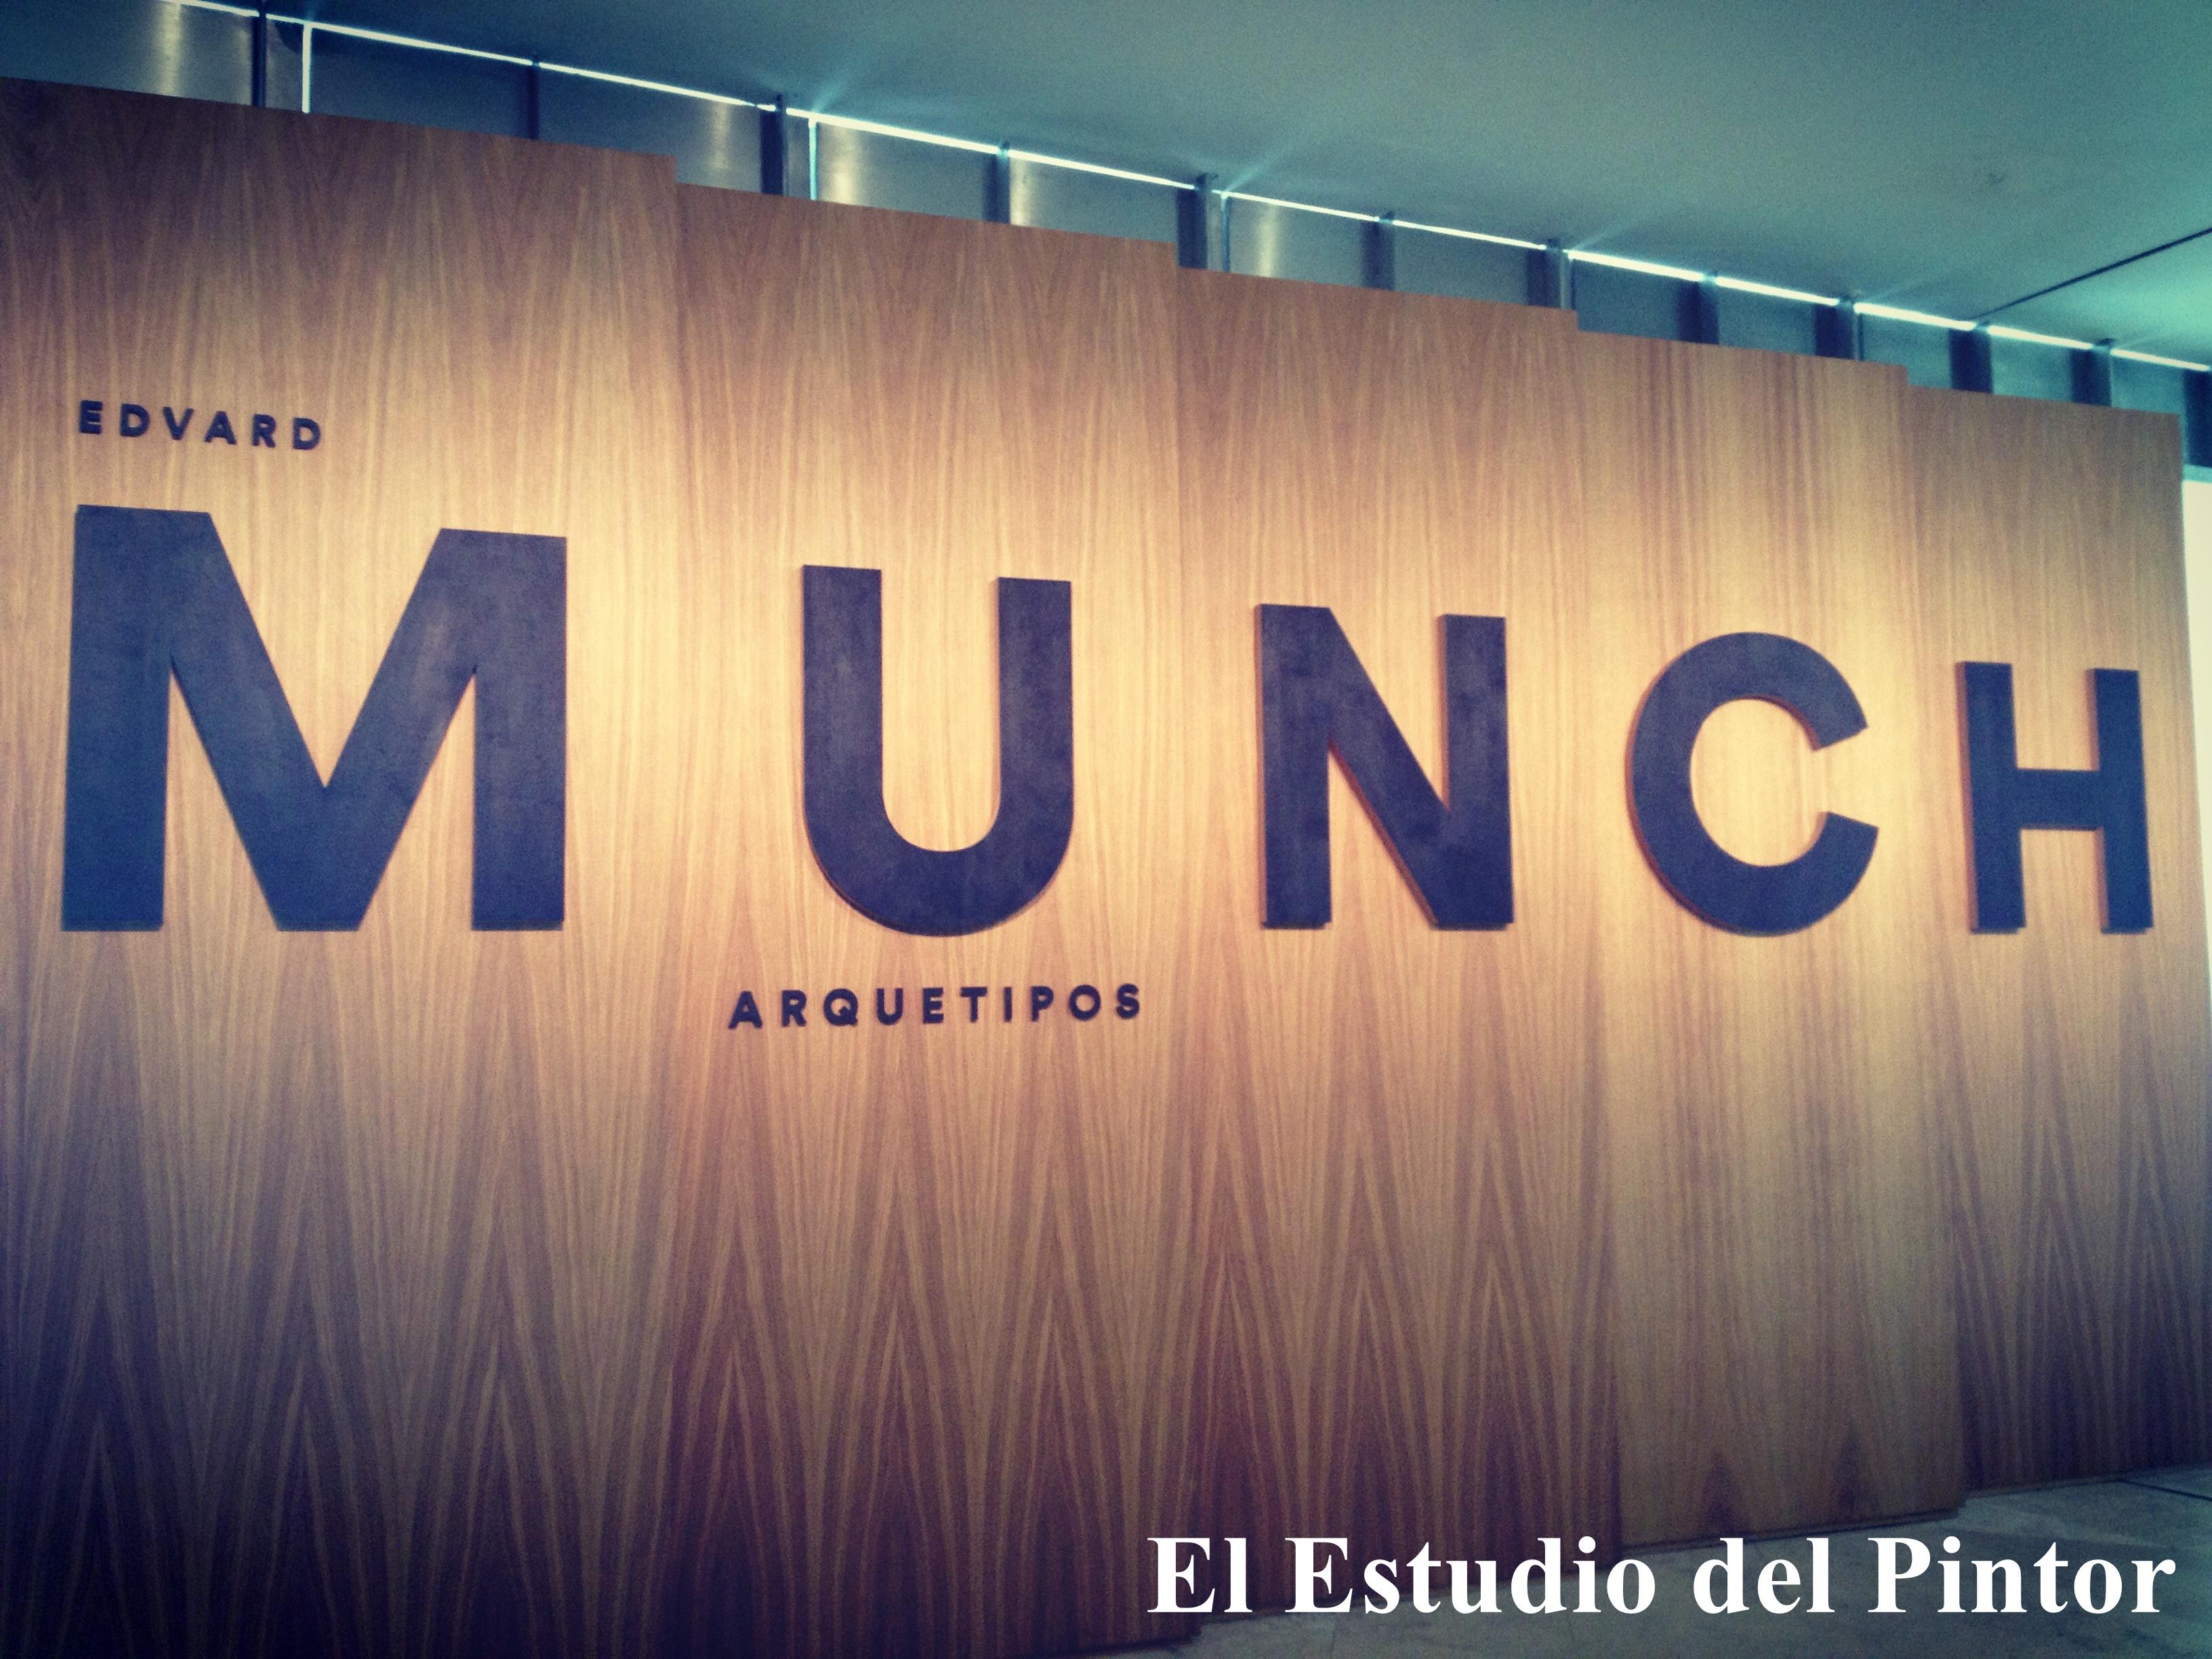 0. Munch, Arquetipos